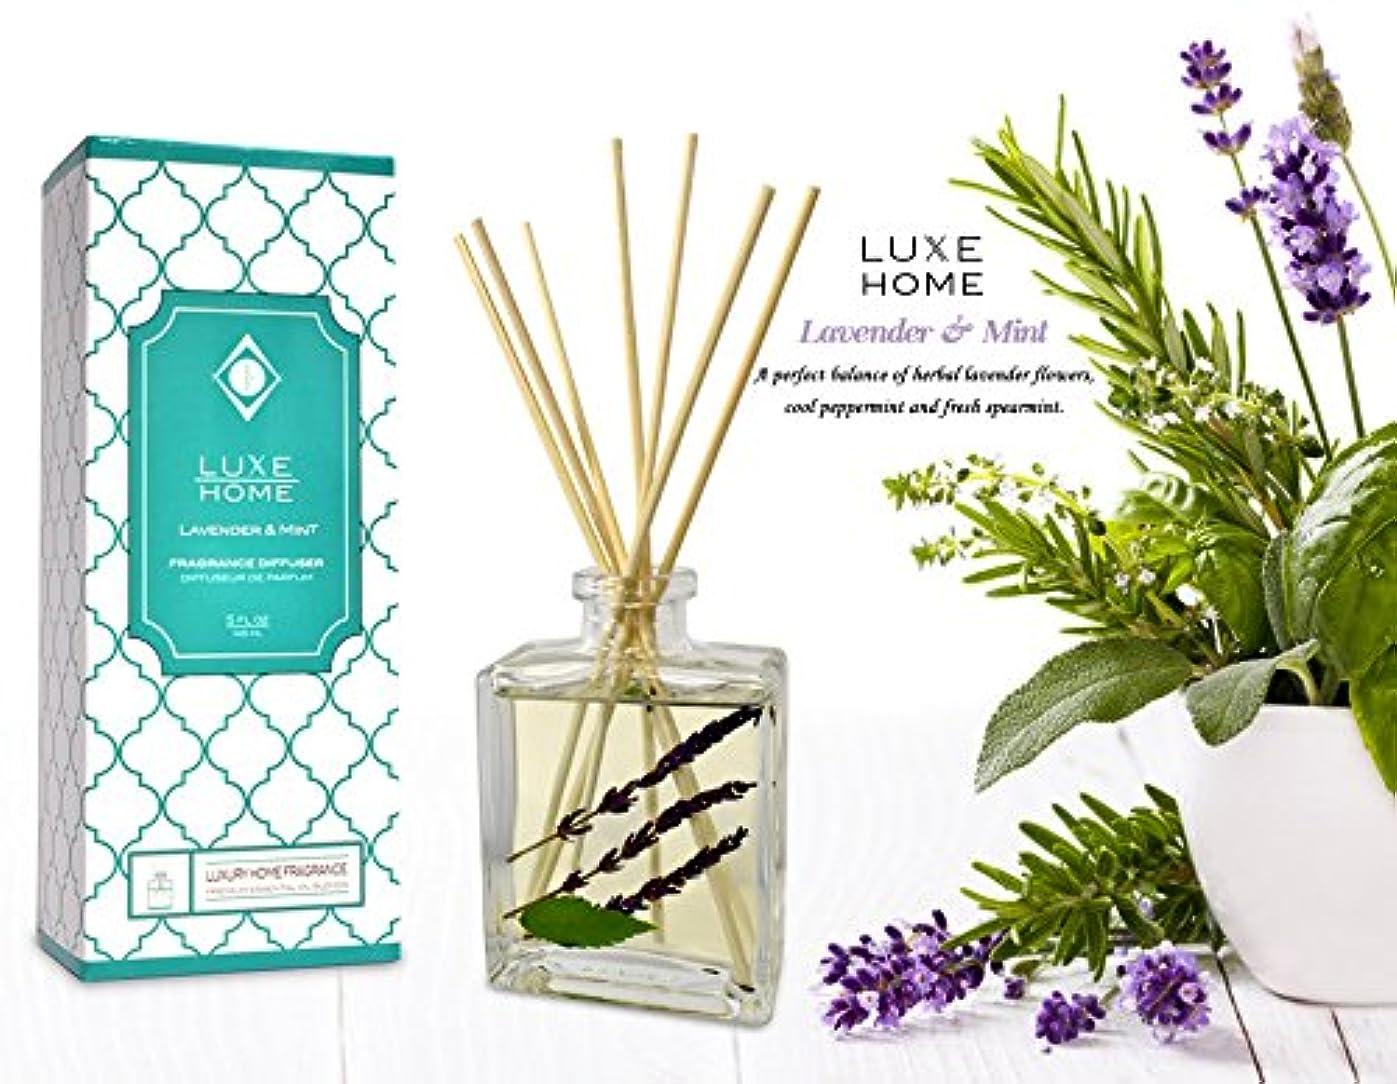 スキャンダラスどきどき順応性Luxe Home ラベンダー&ミントフレグランスリードディフューザー - 香り付きスティックルームの香り付きインフューザー エッセンシャルオイルと本物のラベンダーの茎 アロマセラピーギフトアイデア